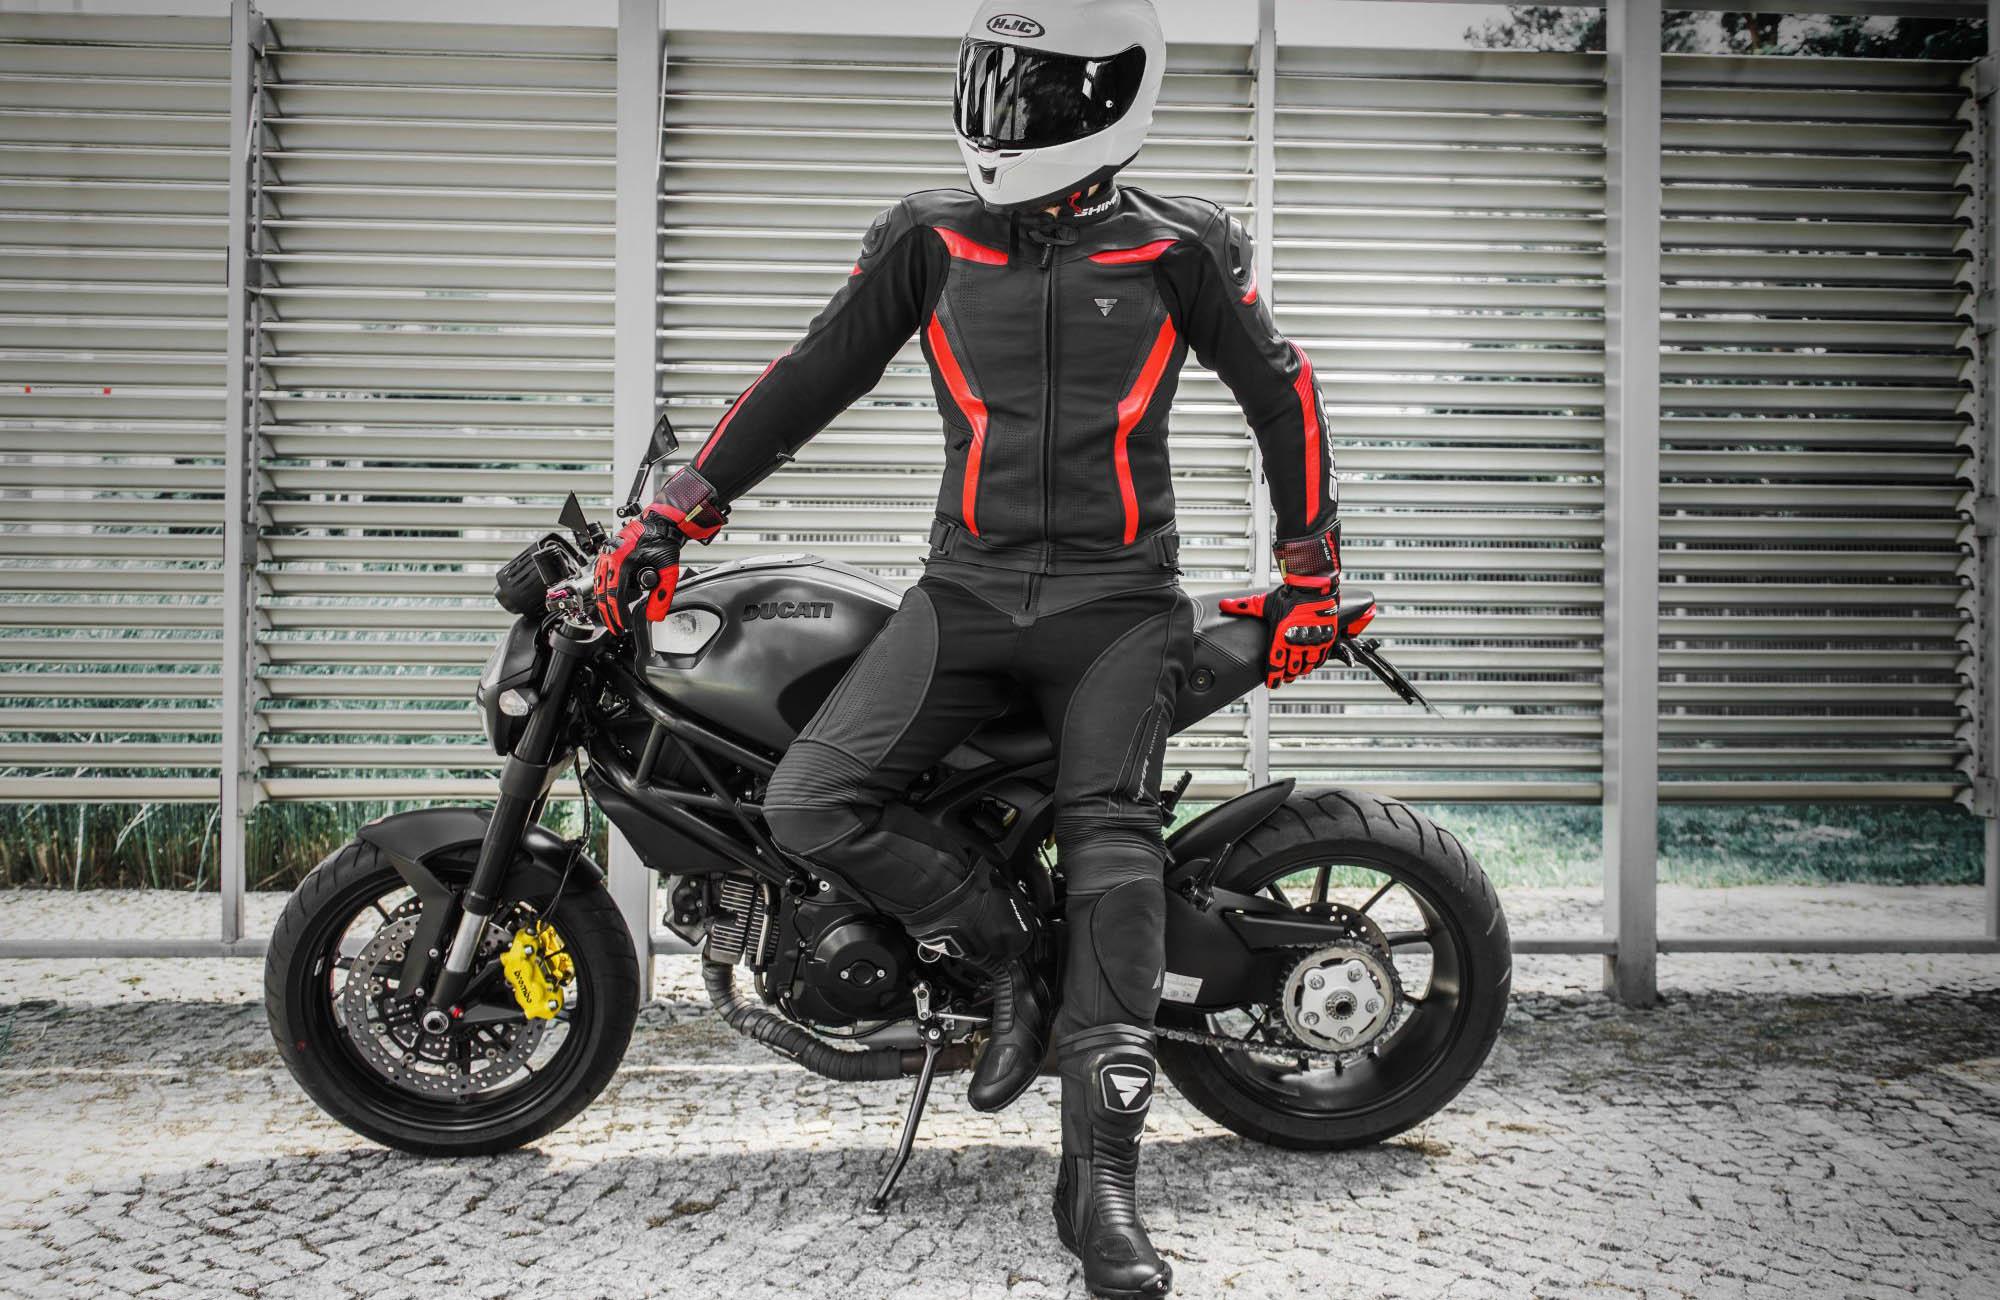 Мотоциклетные штаны SHIMA CHASE TROUSERS из кожи вид стоя у байка купить по низкой цене